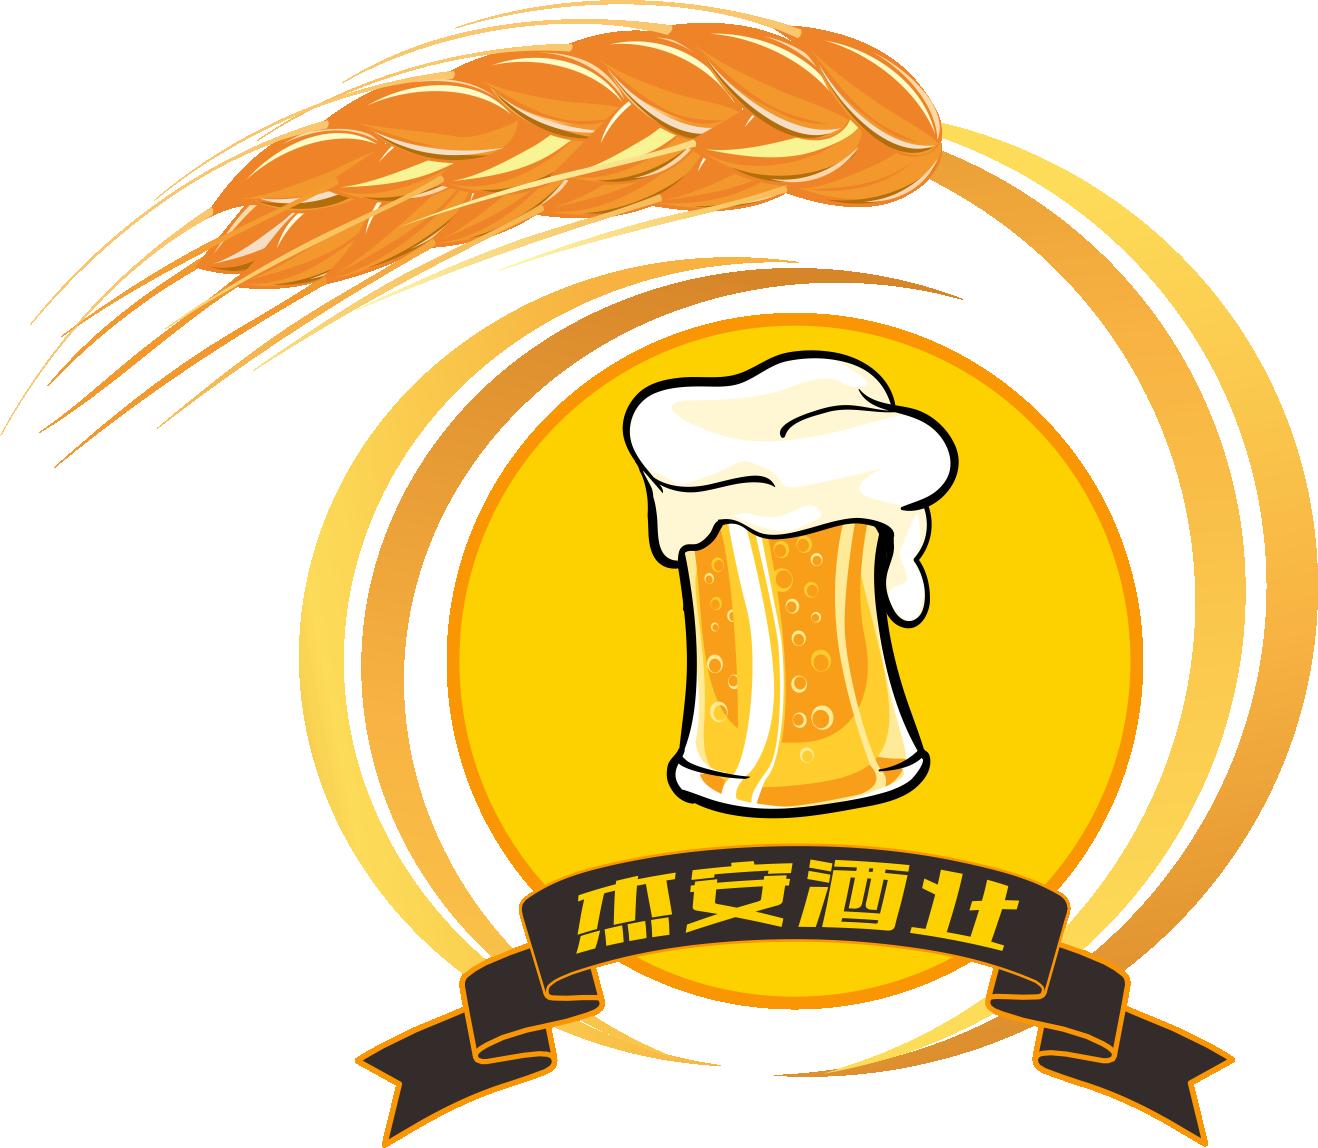 杰安德国啤酒